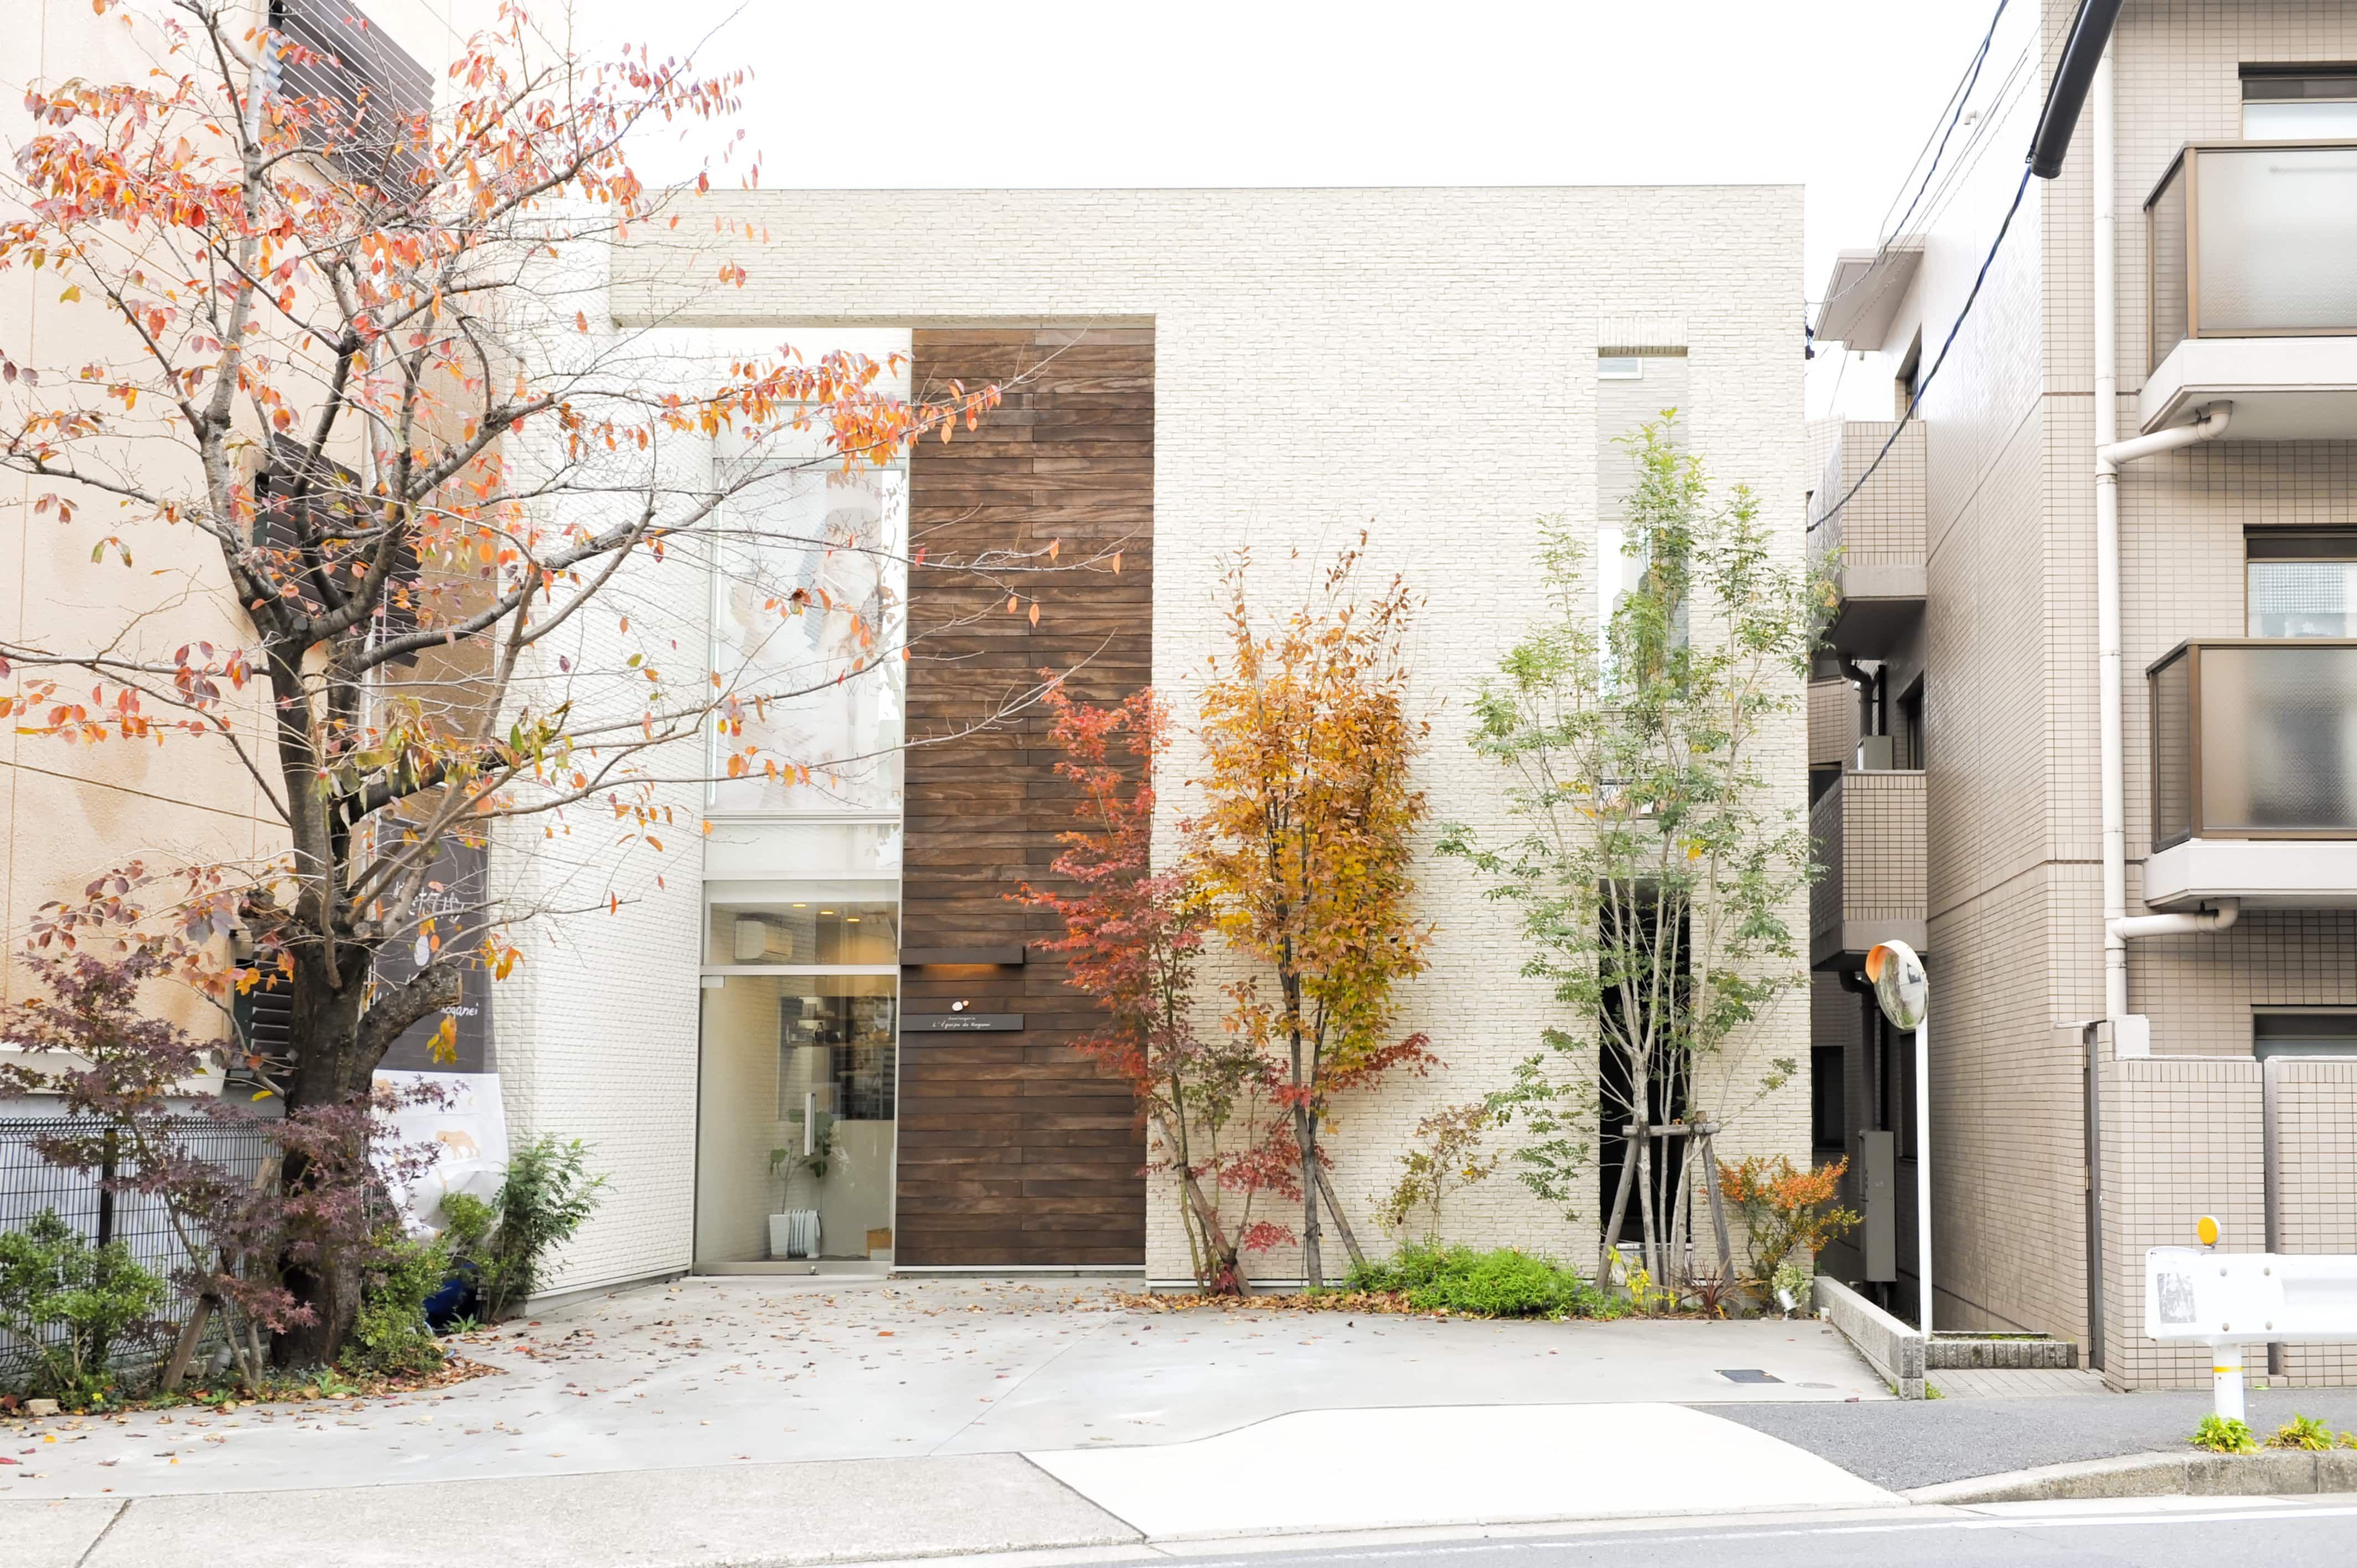 高級住宅街に建つおしゃれな住宅外観実例 大きな窓と天然木の外壁材が